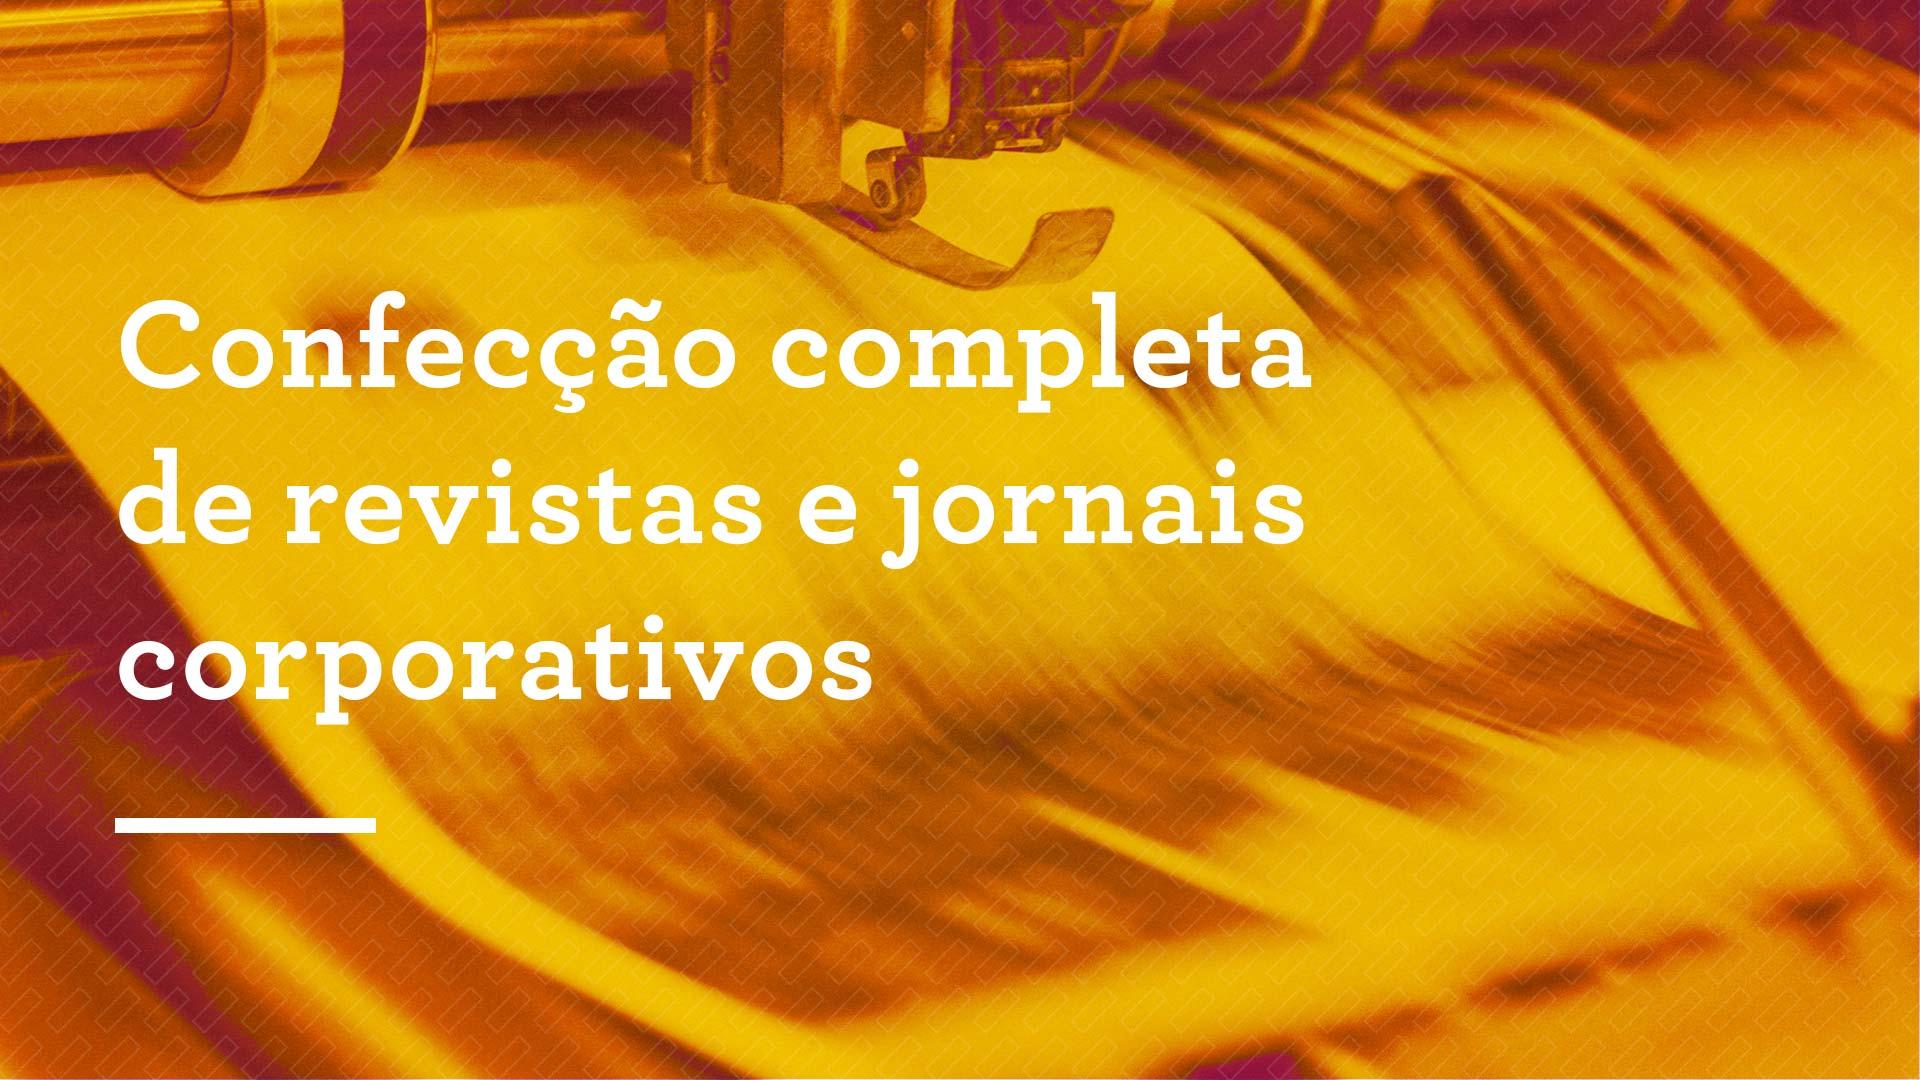 Confecção completa de revistas e jornais corporativos